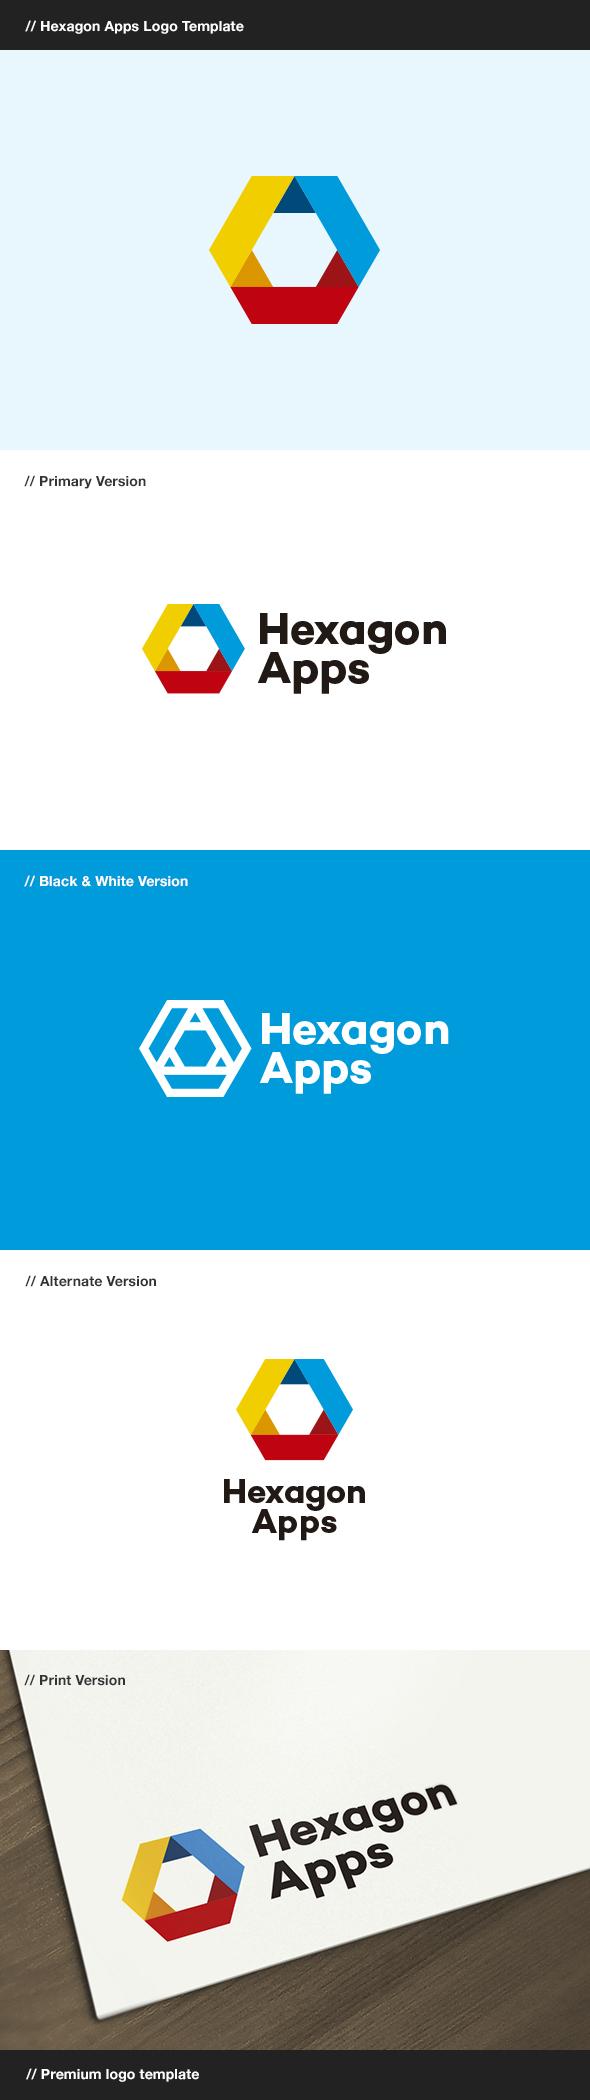 Hexagon Apps